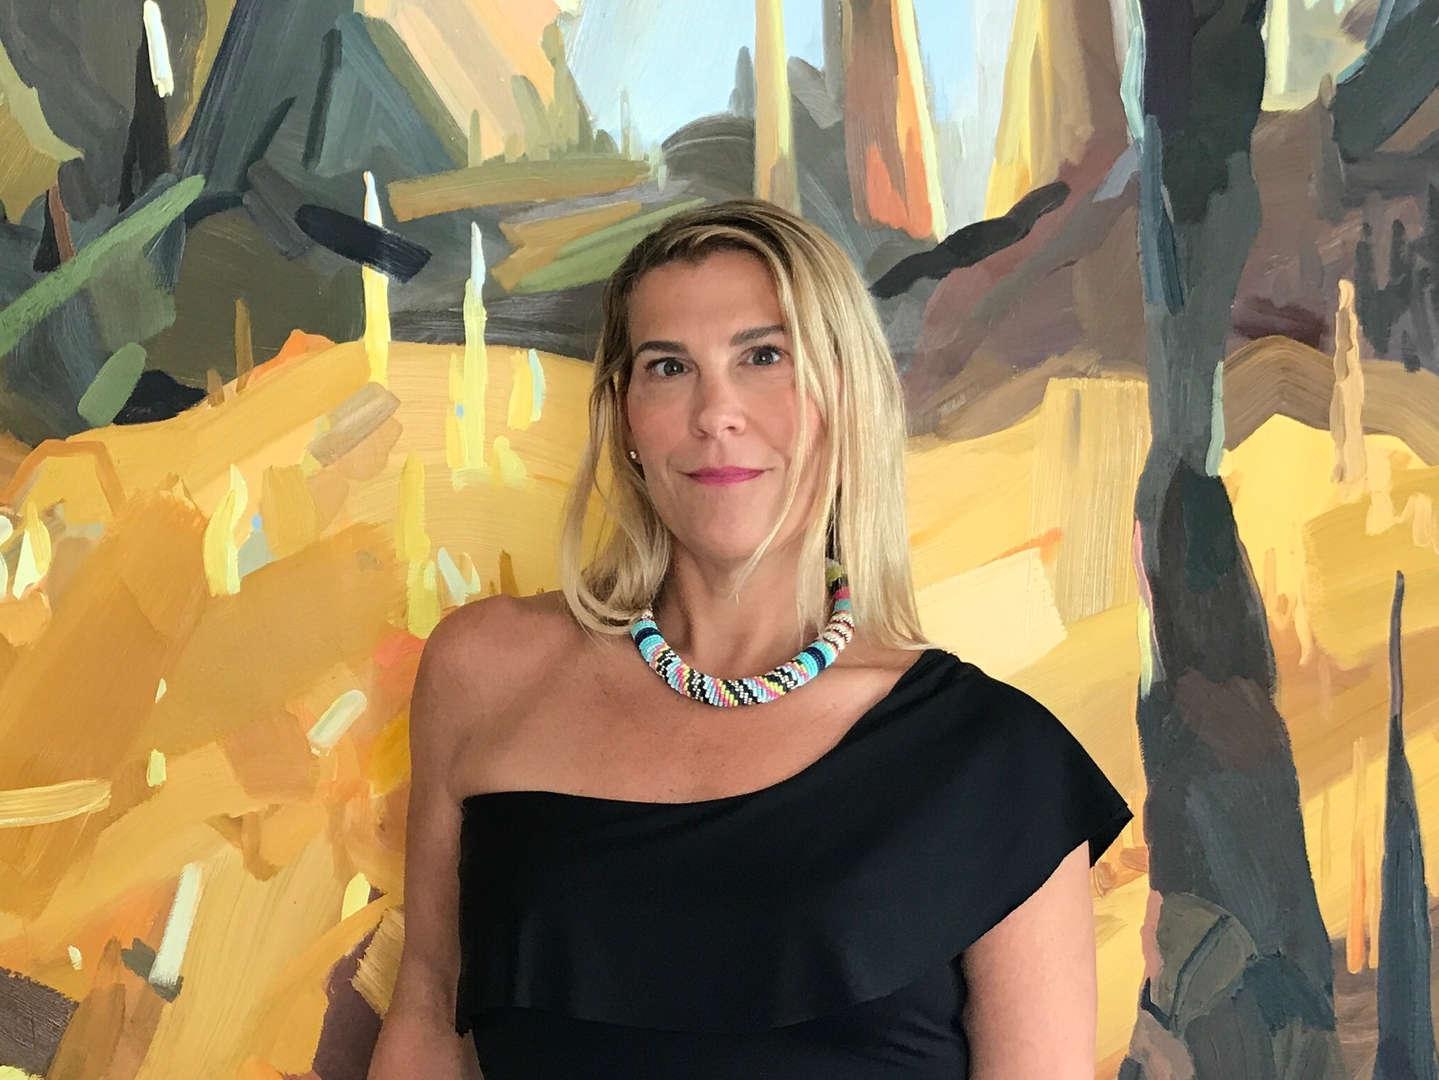 Michelle Dilello